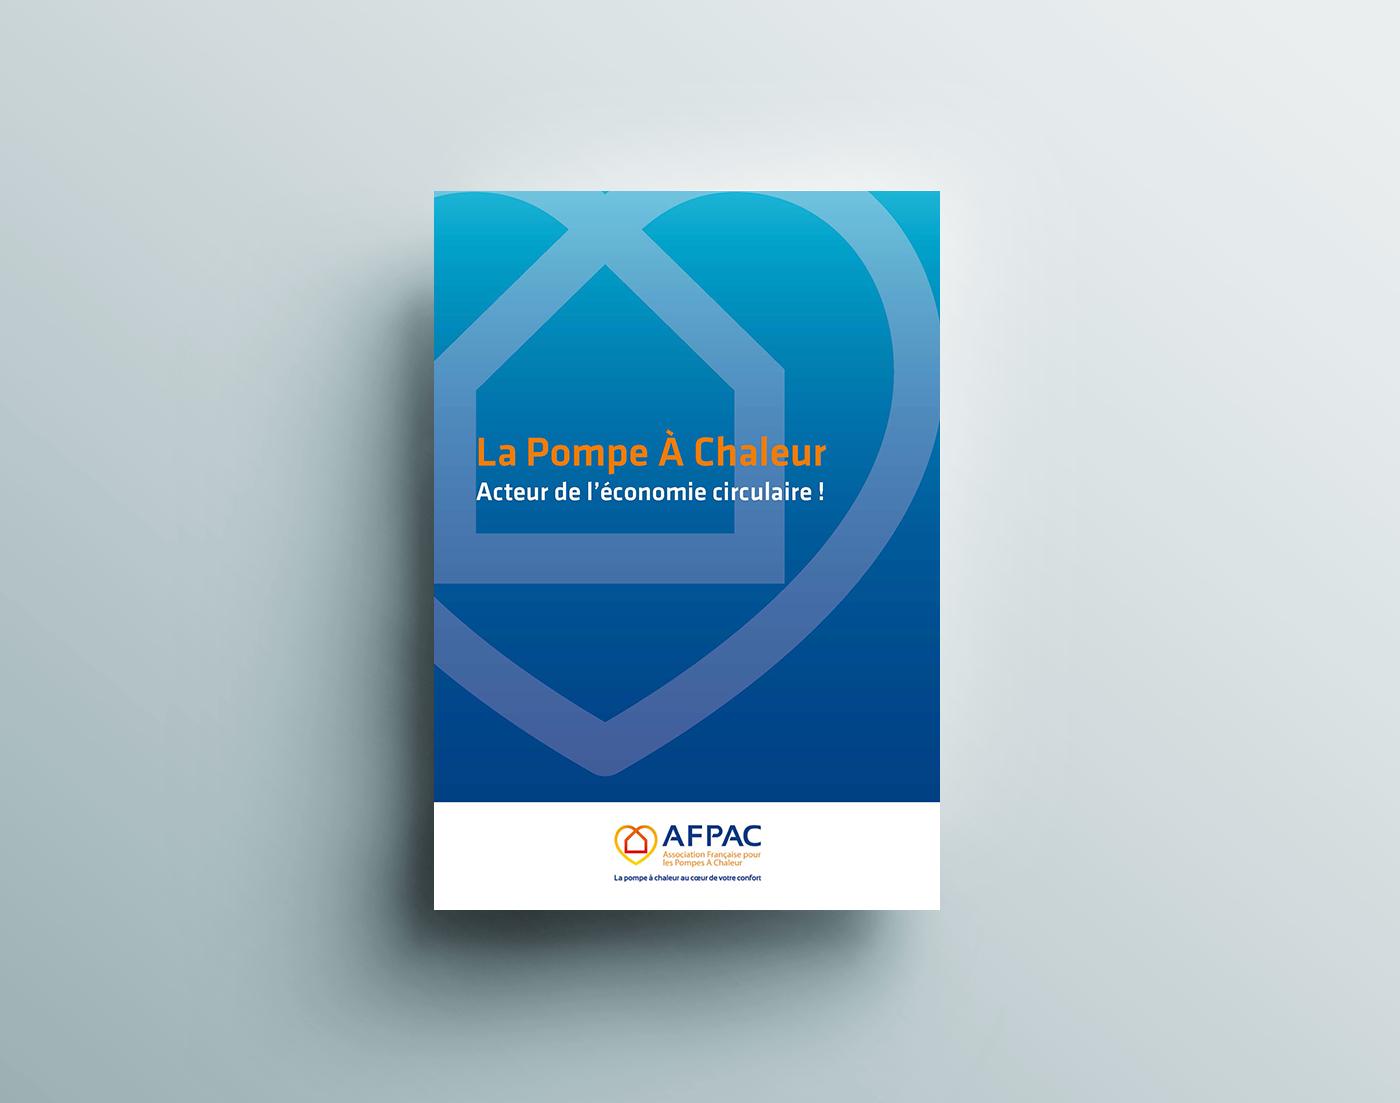 La Pompe À Chaleur : Acteur de l'économie circulaire !